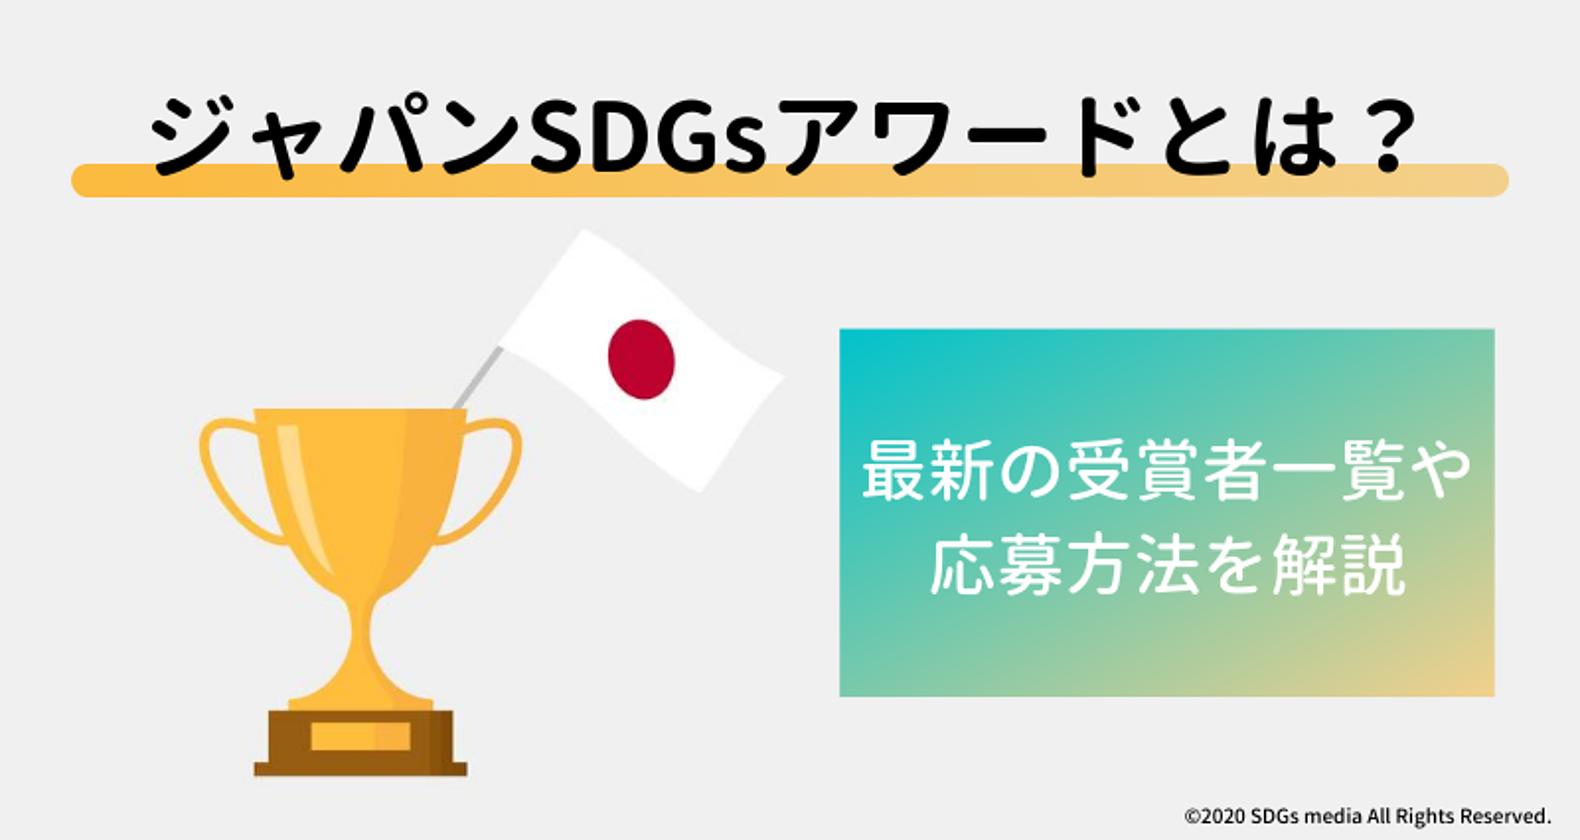 ジャパンSDGsアワード|2021年の受賞傾向の分析と応募方法を解説の画像